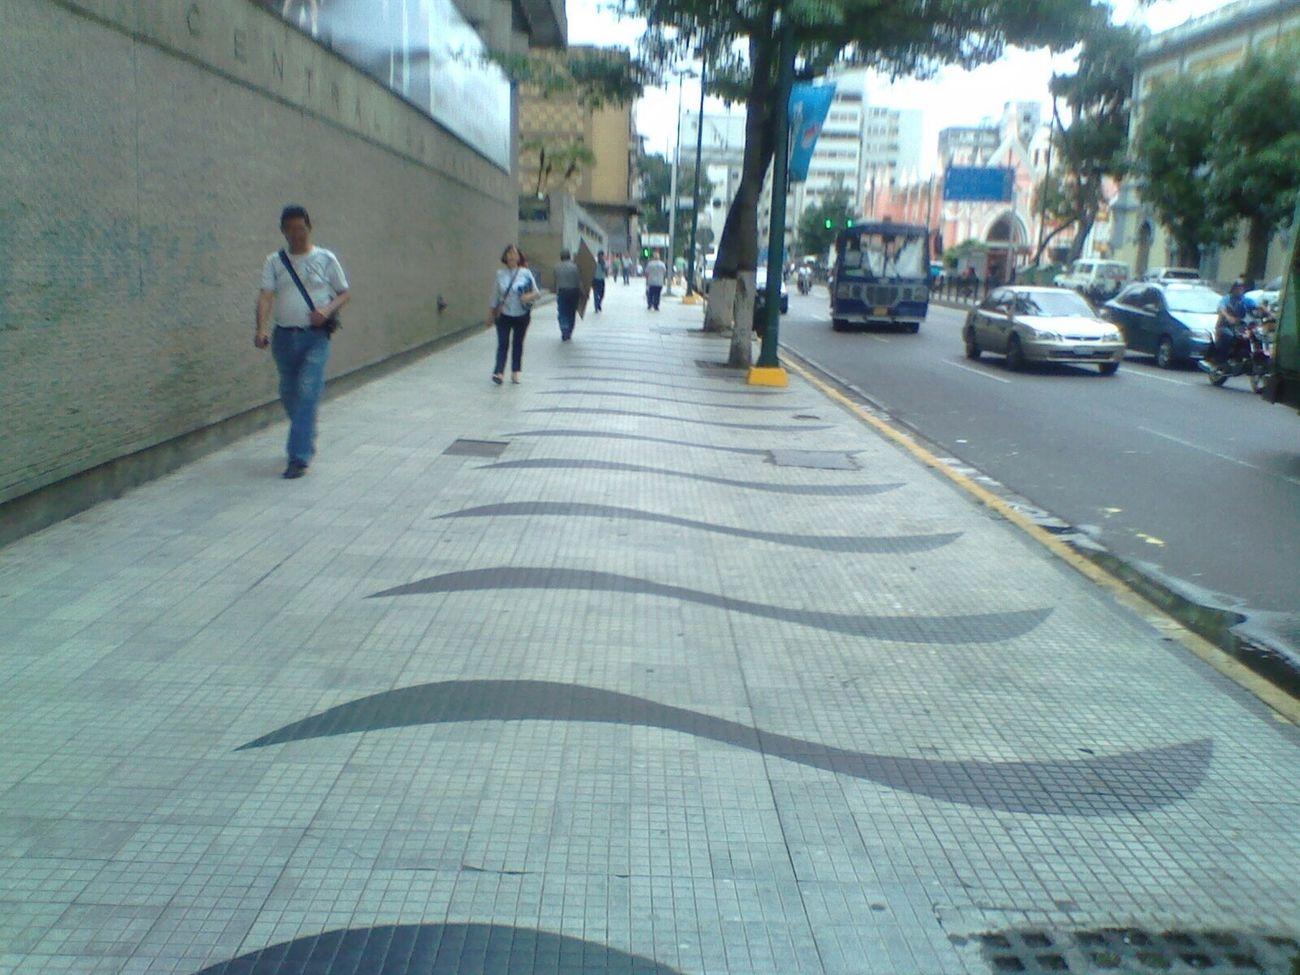 La cuadra del Banco central de Venezuela